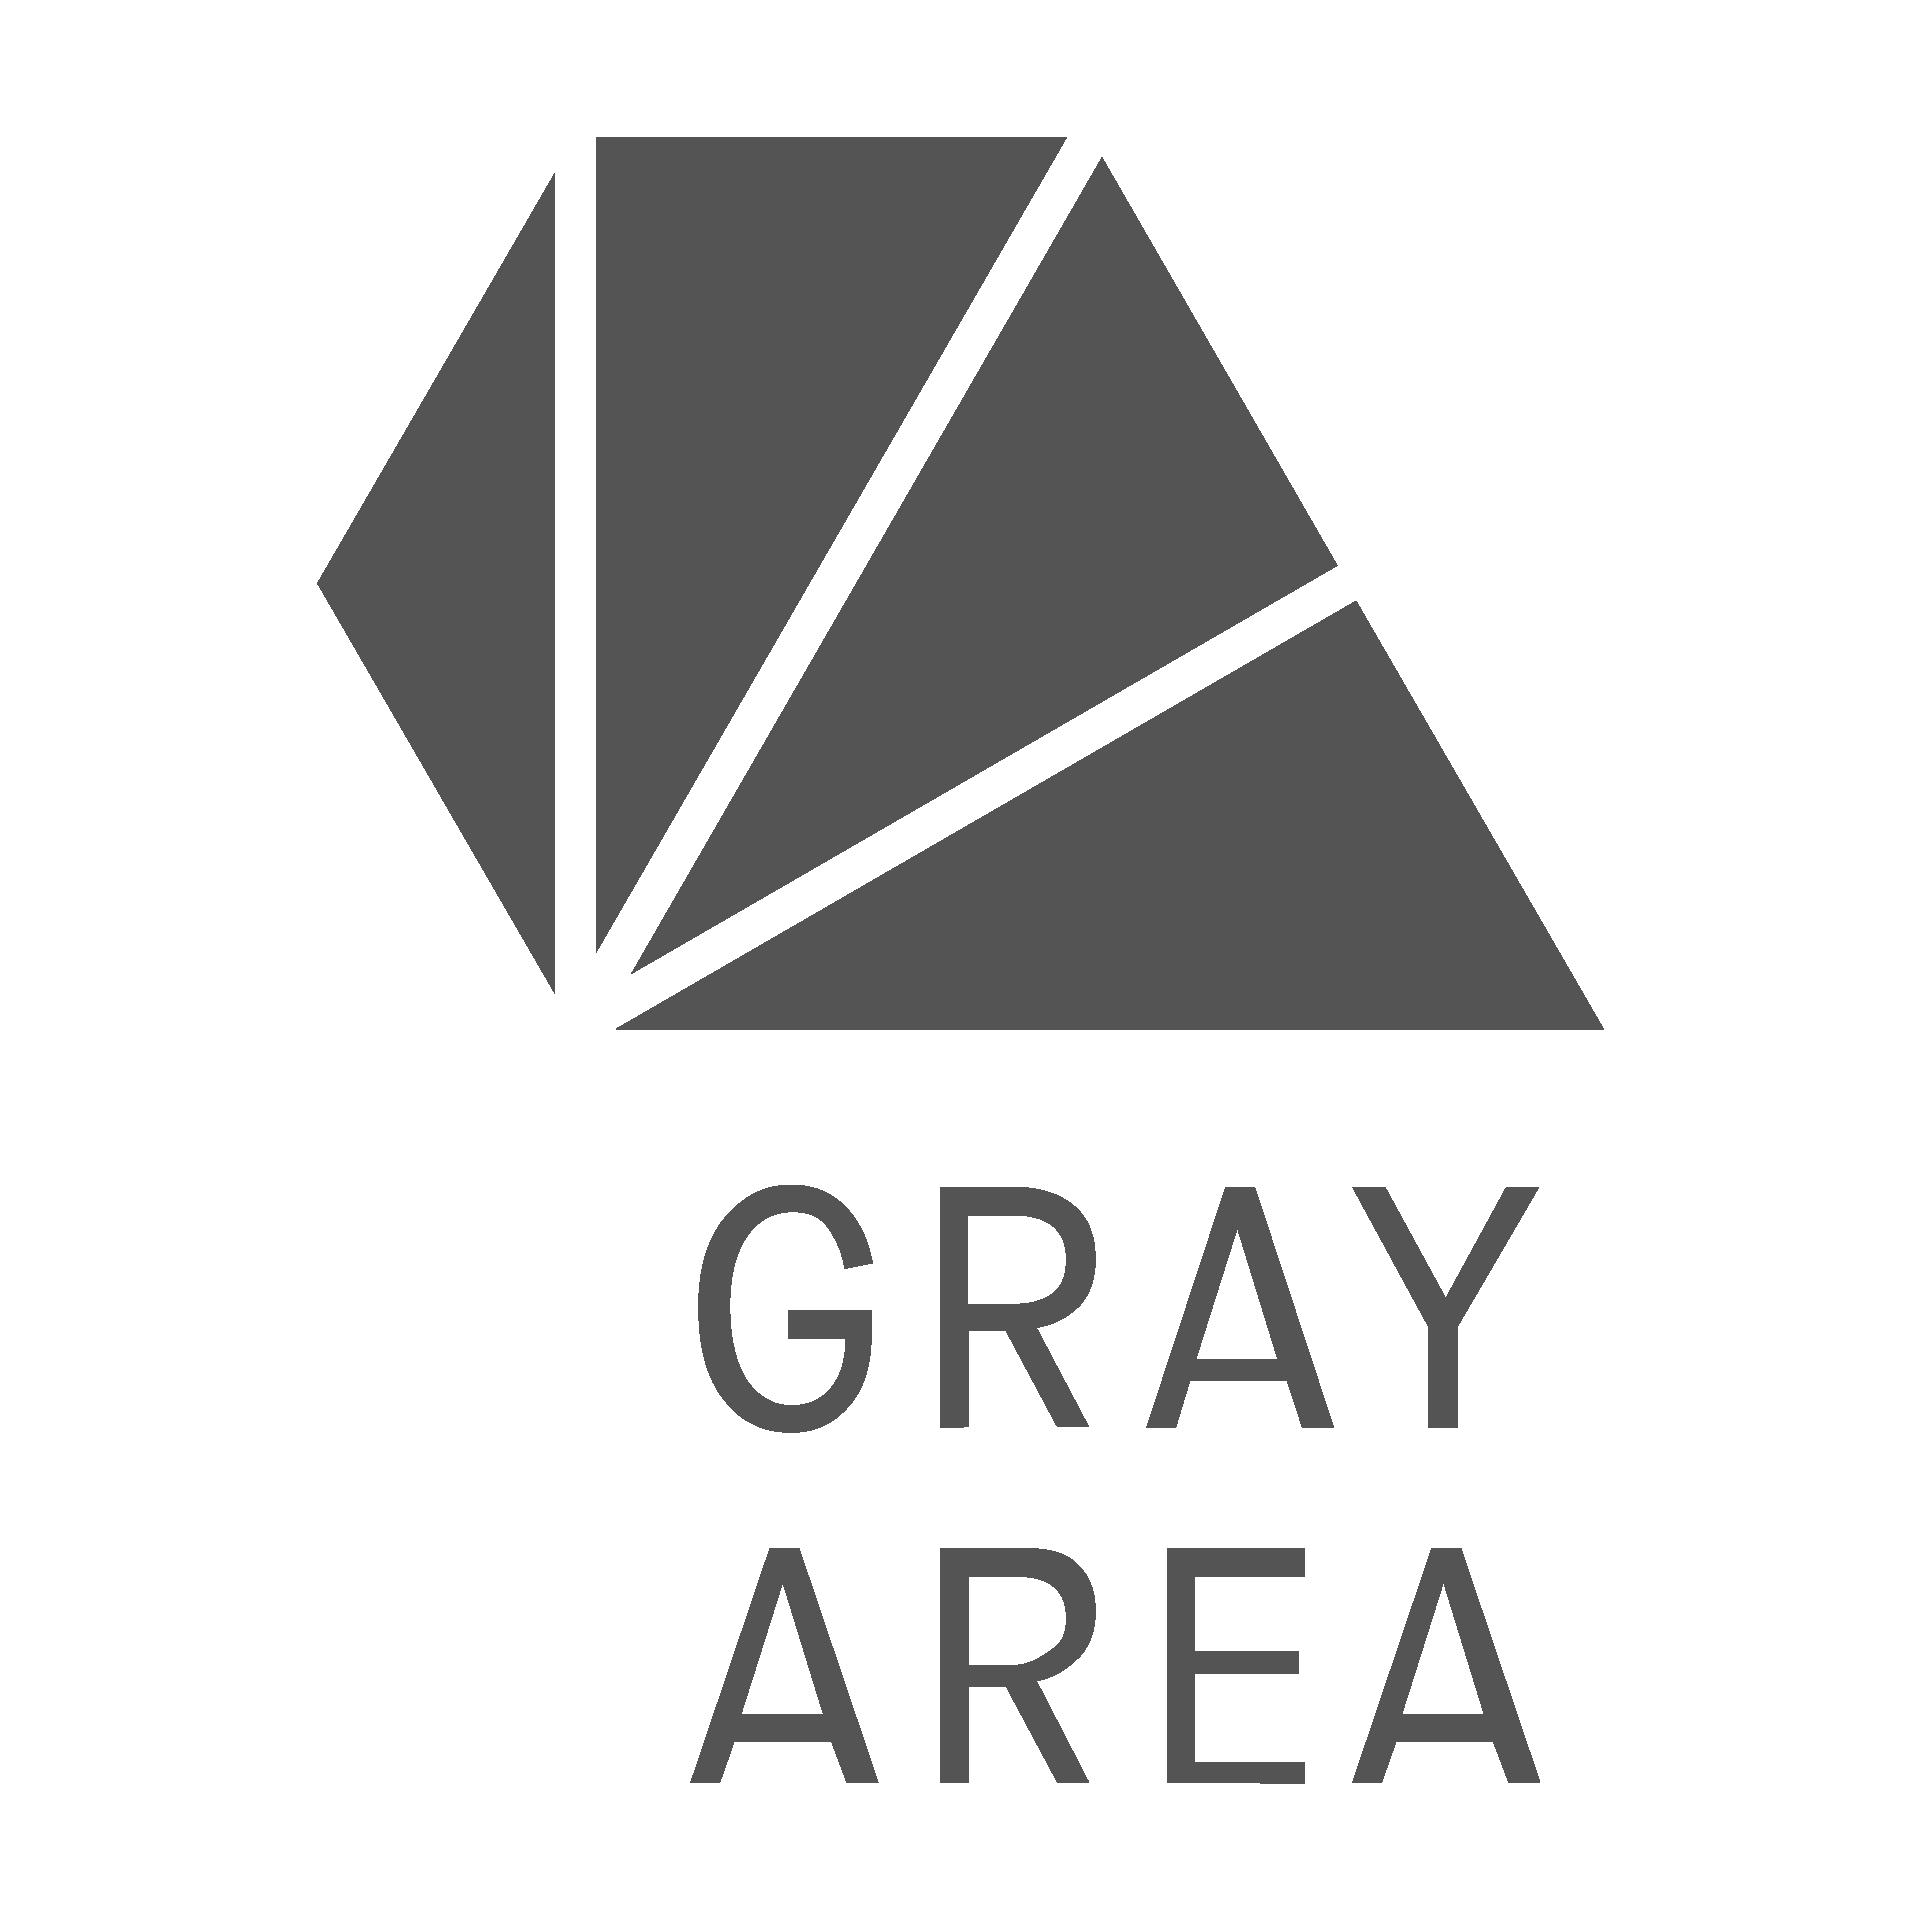 Gray Area Logo